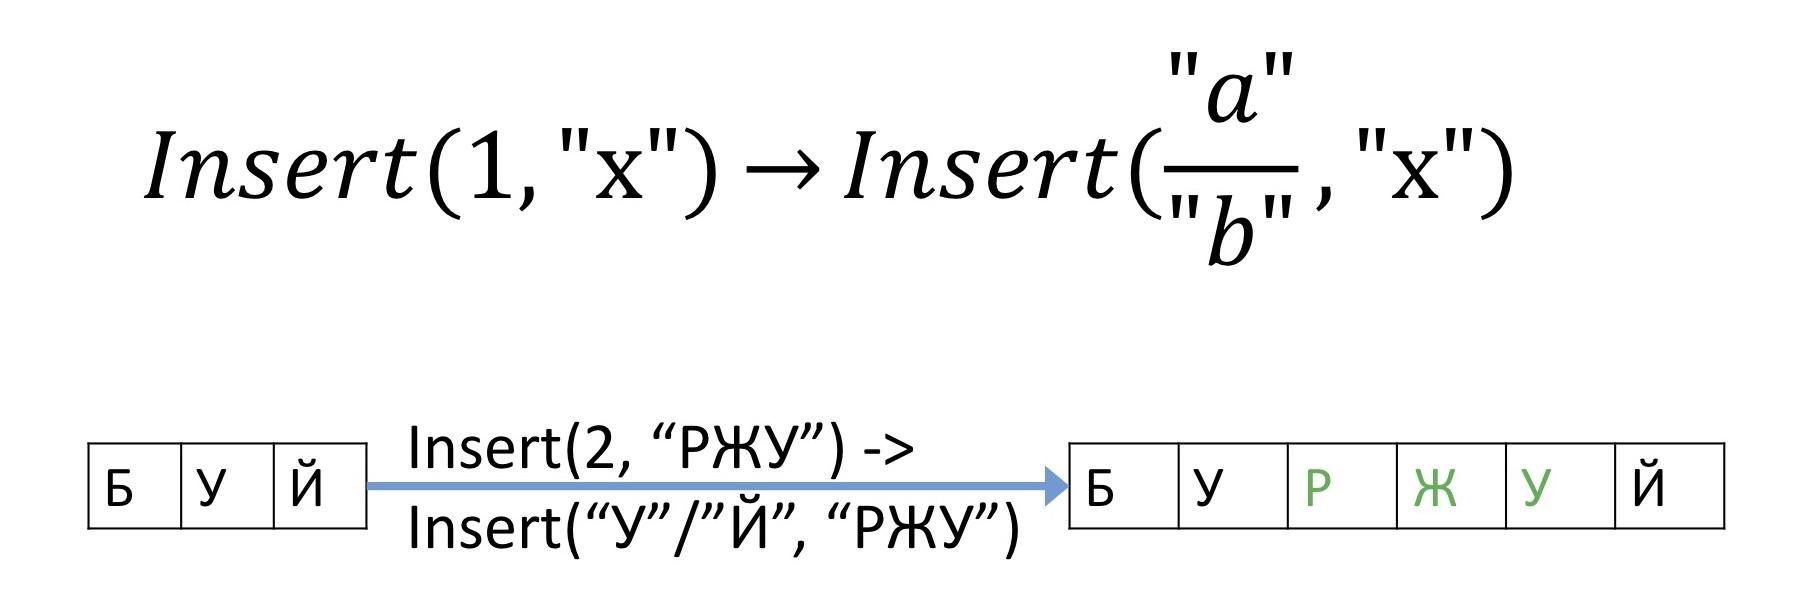 Текстовый редактор — это вам не высшая математика, тут думать надо - 33